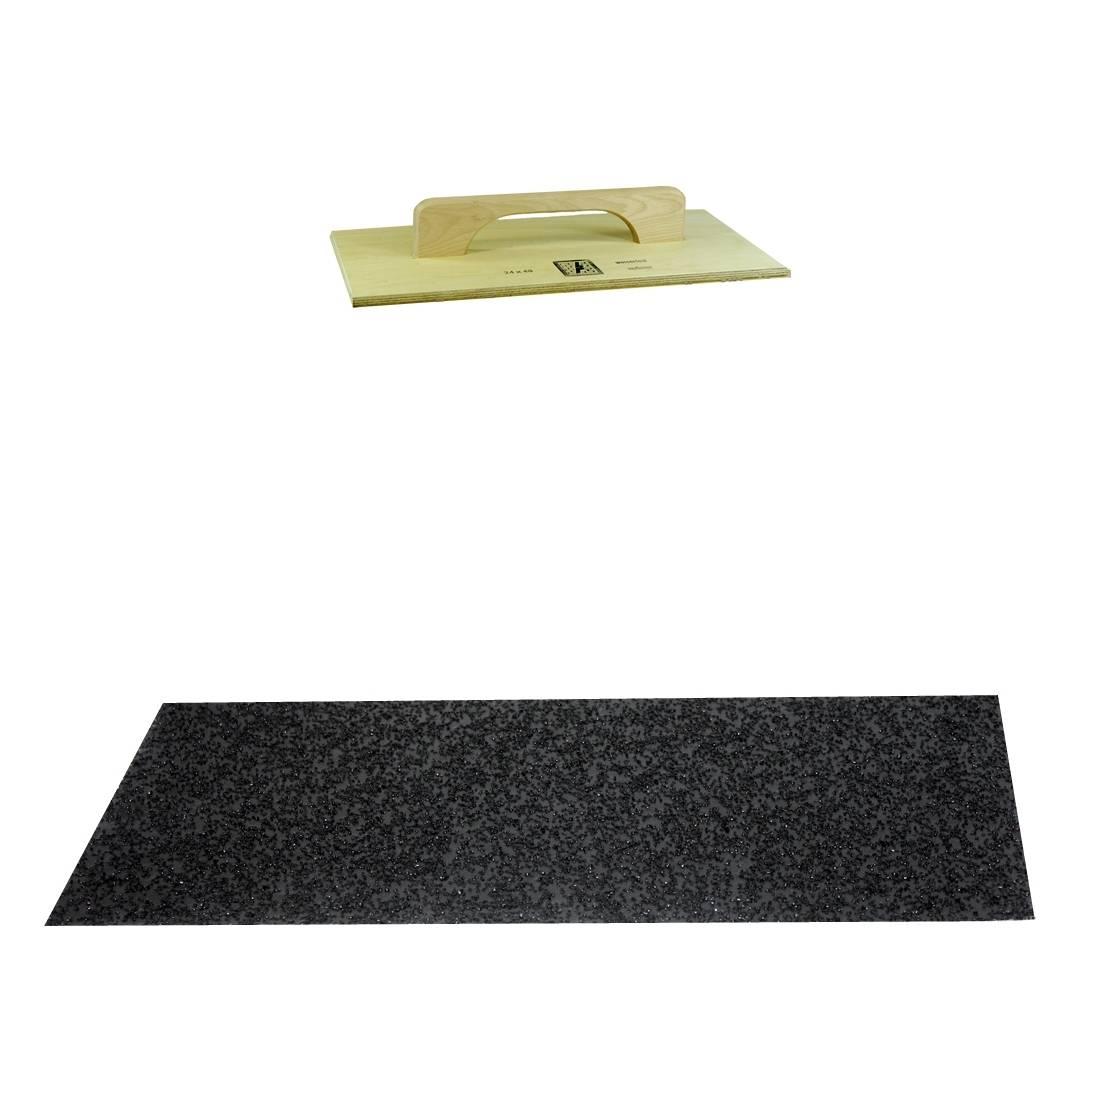 Ersatz-Schleifpapier 360 x 200 mm, Selbstklebend